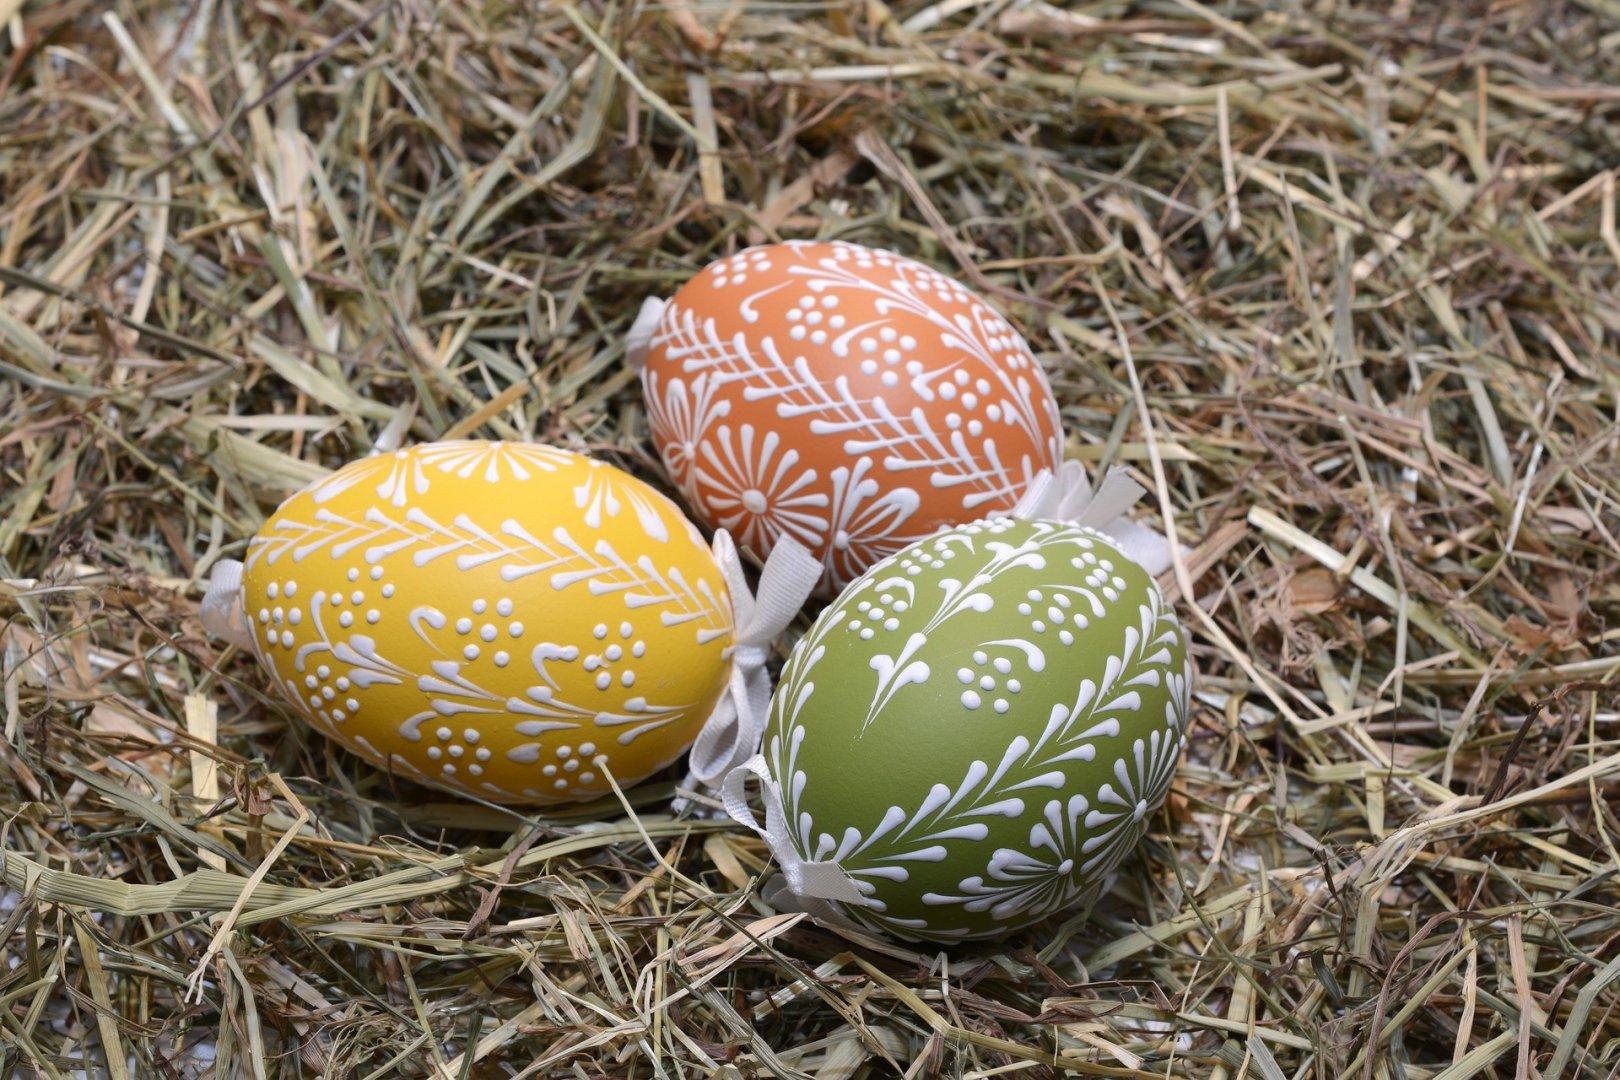 Polish Easter